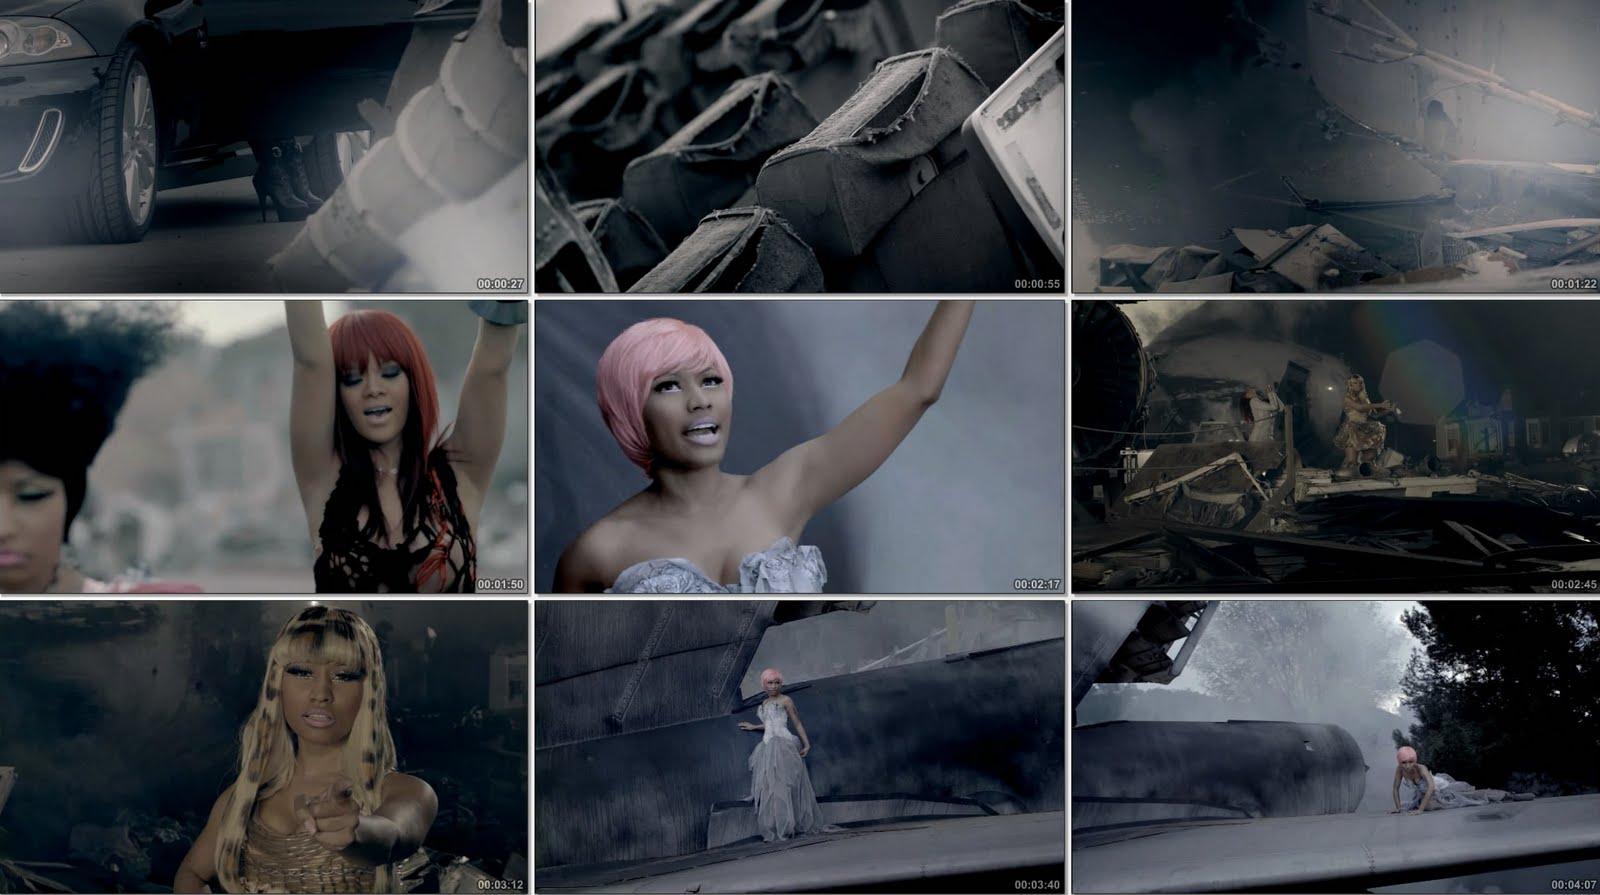 http://2.bp.blogspot.com/-JlsykFLO2MY/TmFKt8BFAzI/AAAAAAAAD0Y/VsoTT_YJ2f0/s1600/Nicki+Minaj+Feat.+Rihanna+-+Fly.mp4_thumbs_%255B2011.09.02_18.11.21%255D.jpg